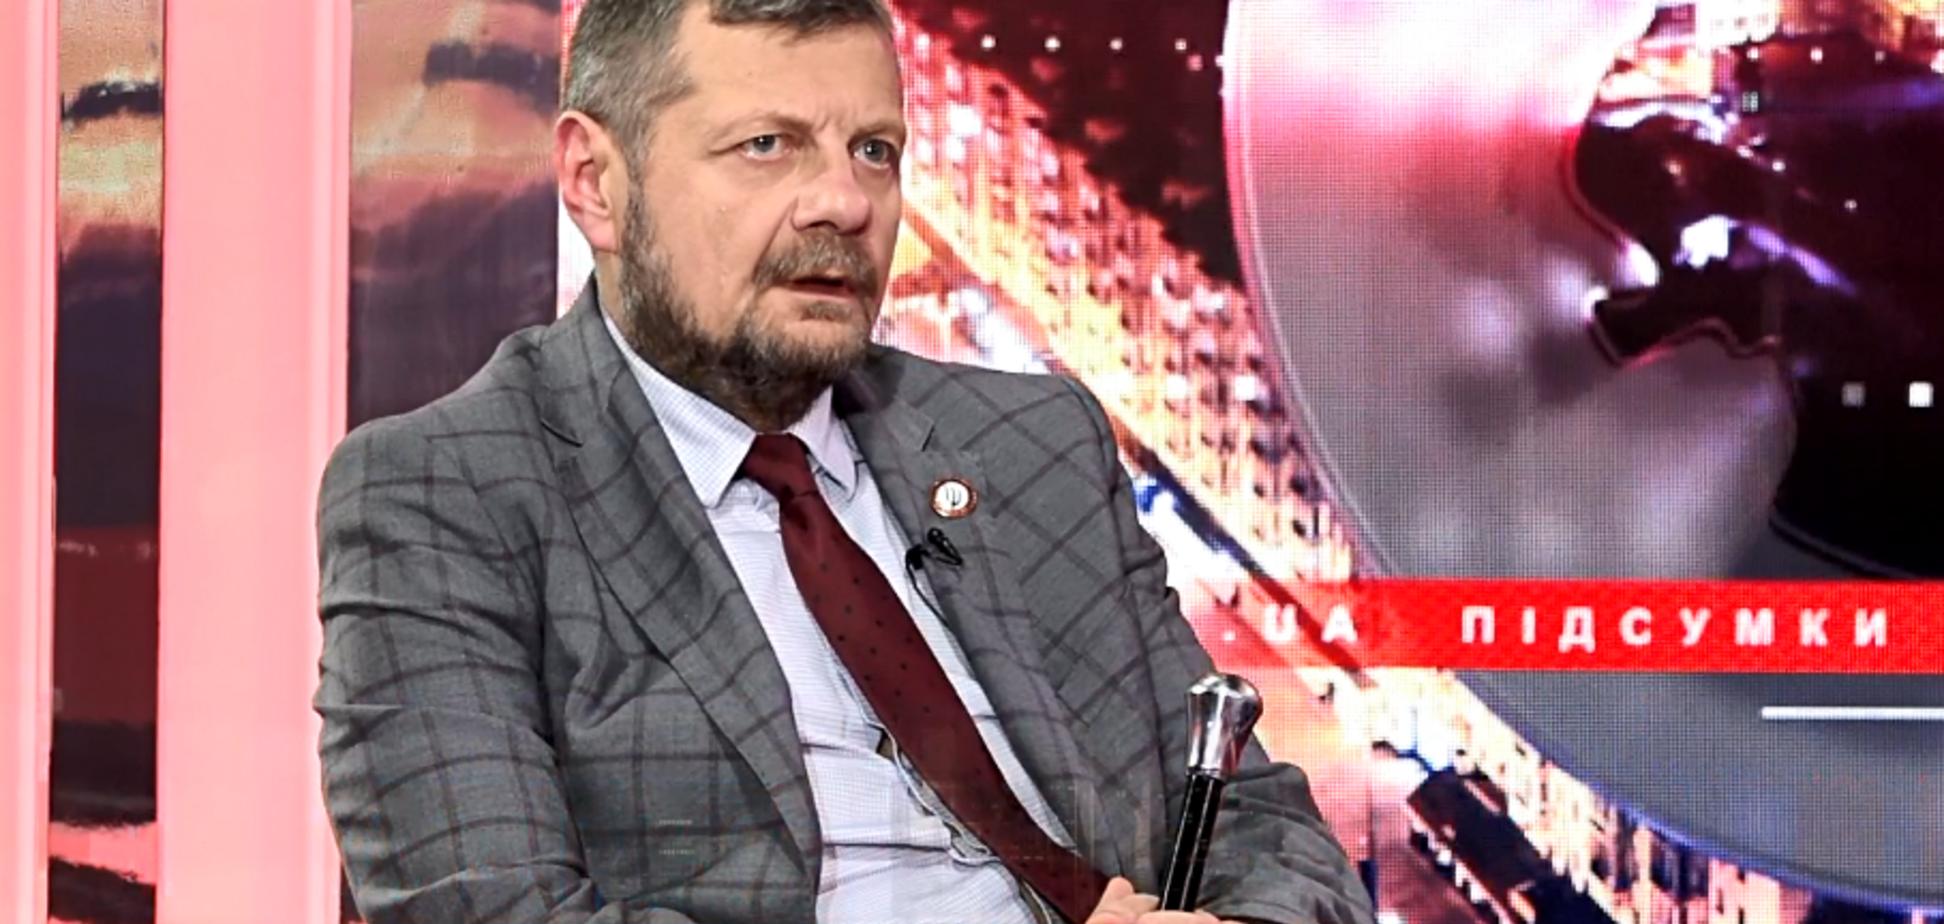 Мосійчука готуються вбити: нардеп розкрив деталі від ФСБ і 'кадировців'